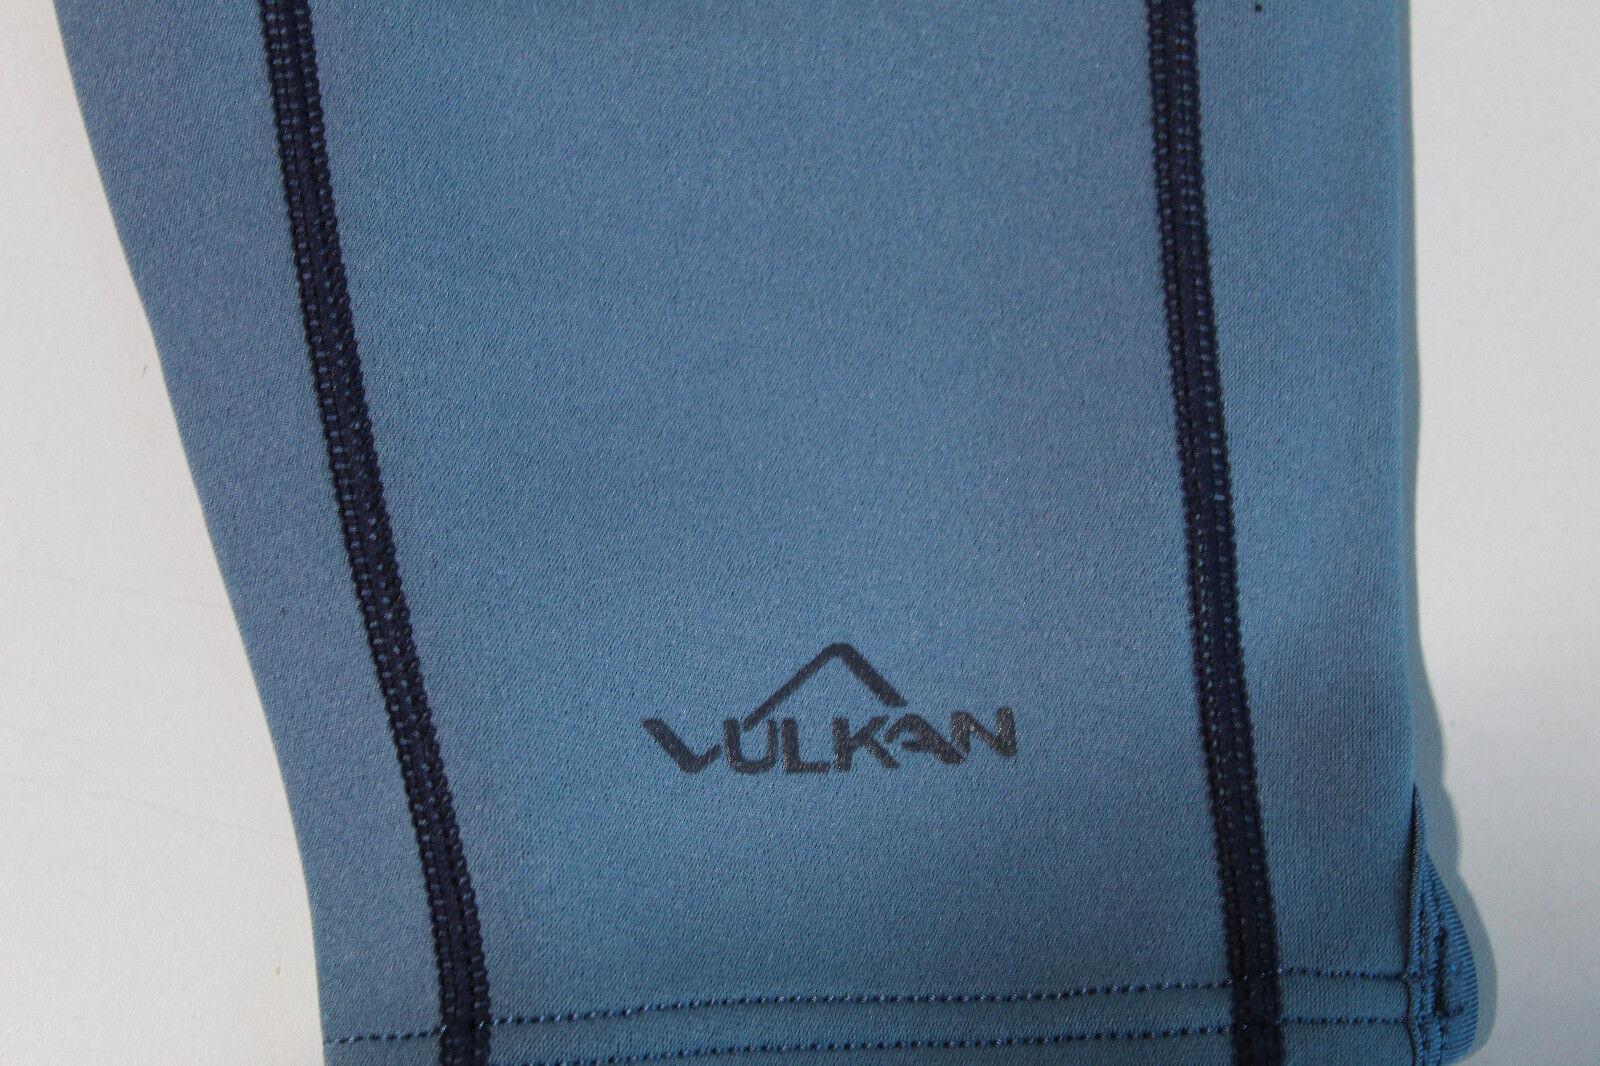 Vulkan body corsario, corsario, corsario, Reductor Termoactivo (P212-R25) 2fd859